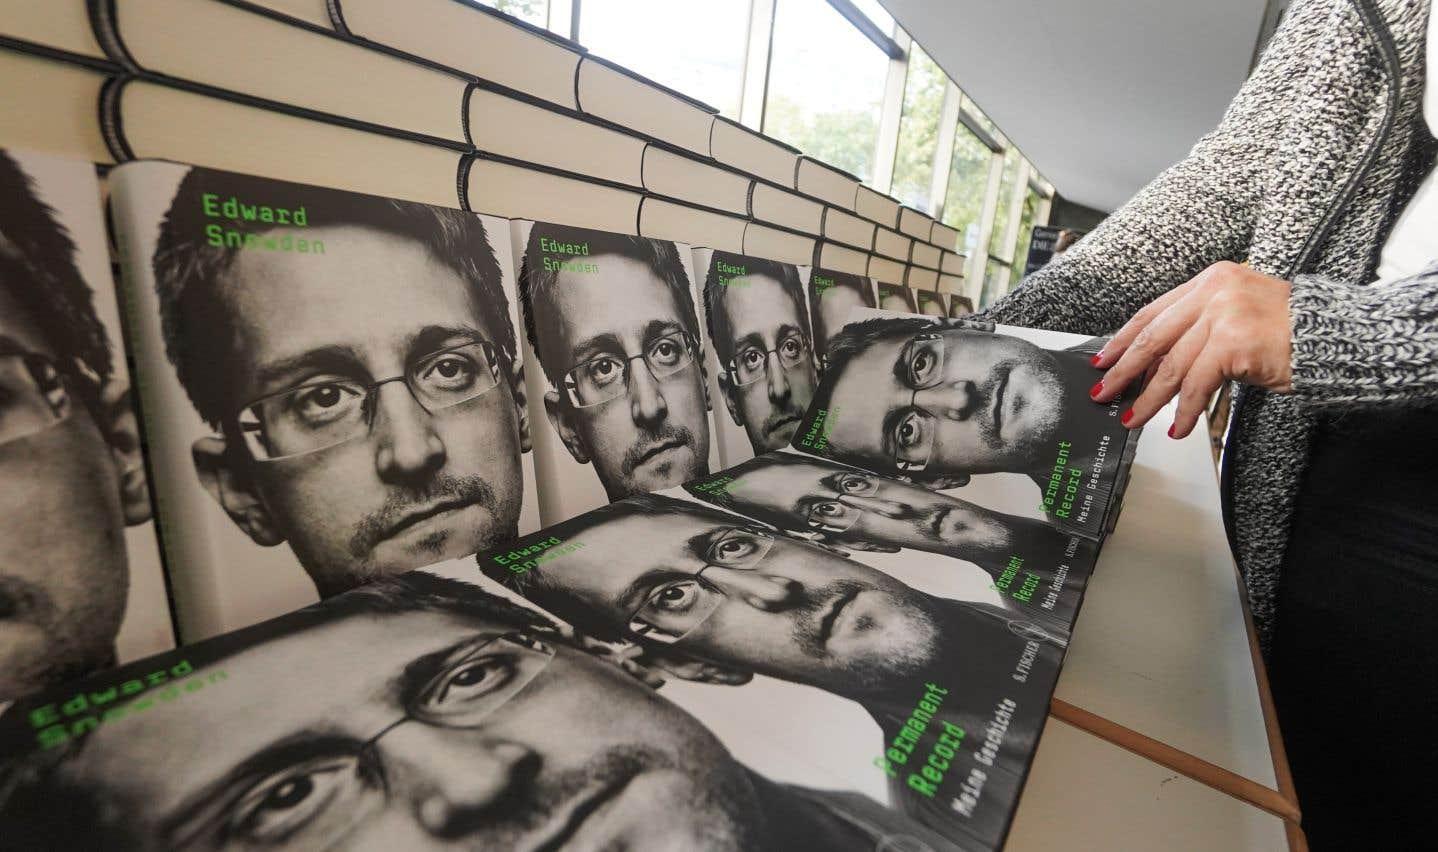 Des copies du livre «Mémoirevive» («Permanent Record» en anglais) du lanceur d'alerte Edward Snowden sont en vente à Berlin. Après avoir dénoncé la surveillance massive aux États-Unis, il s'est réfugié en Russie. Les mémoires de M.Snowden seront publiées le 17septembre à travers une vingtaine de pays.